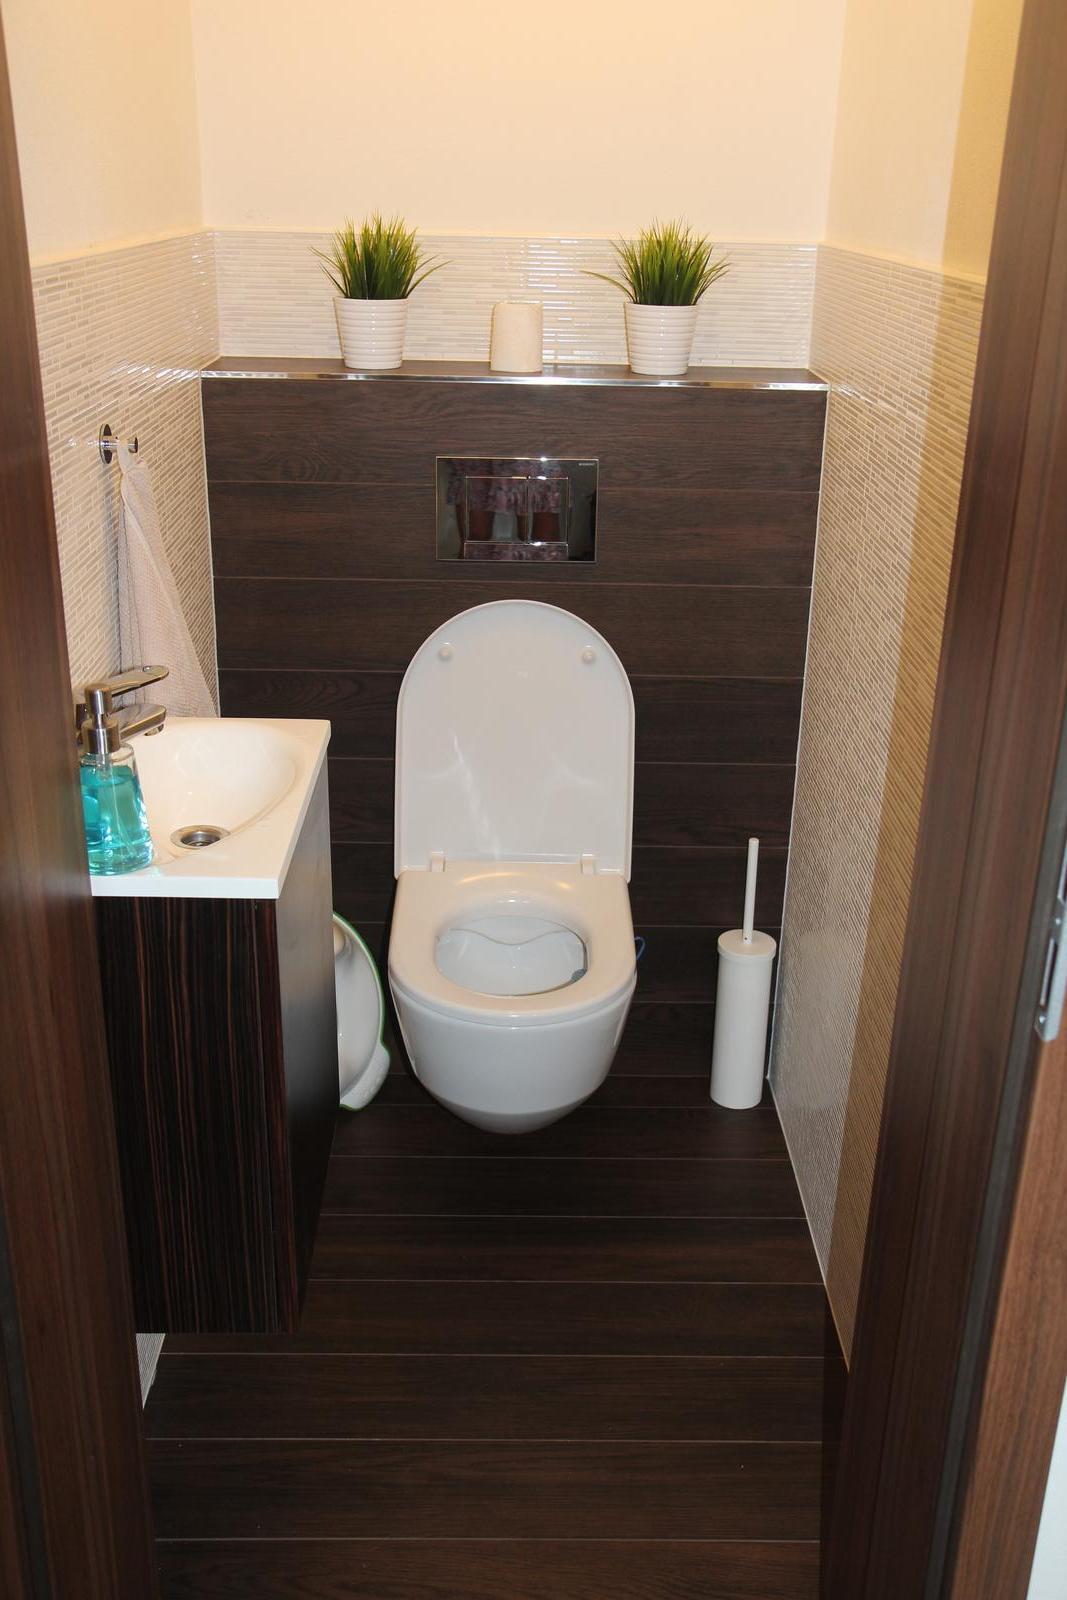 Tak jde čas aneb jak si stavíme sen :-) - Záchod víceméně hotový....ještě musím dokoupit držák na mýdlo na zeď...